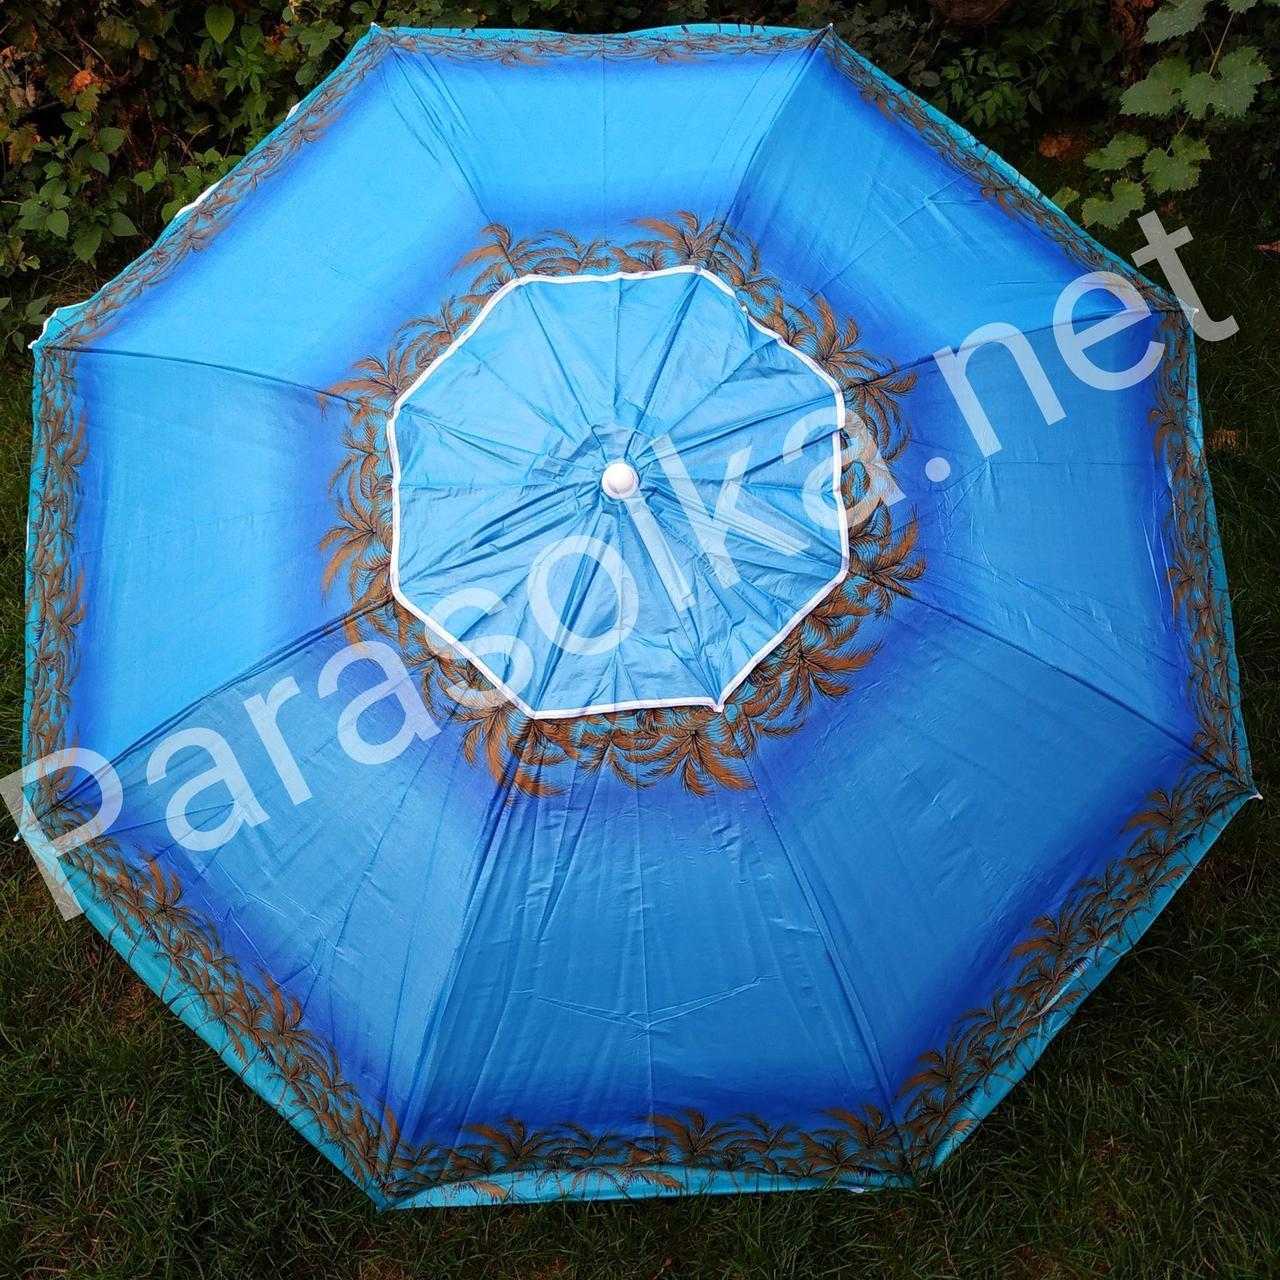 Пляжный зонт 10a 2,2 метра с клапаном